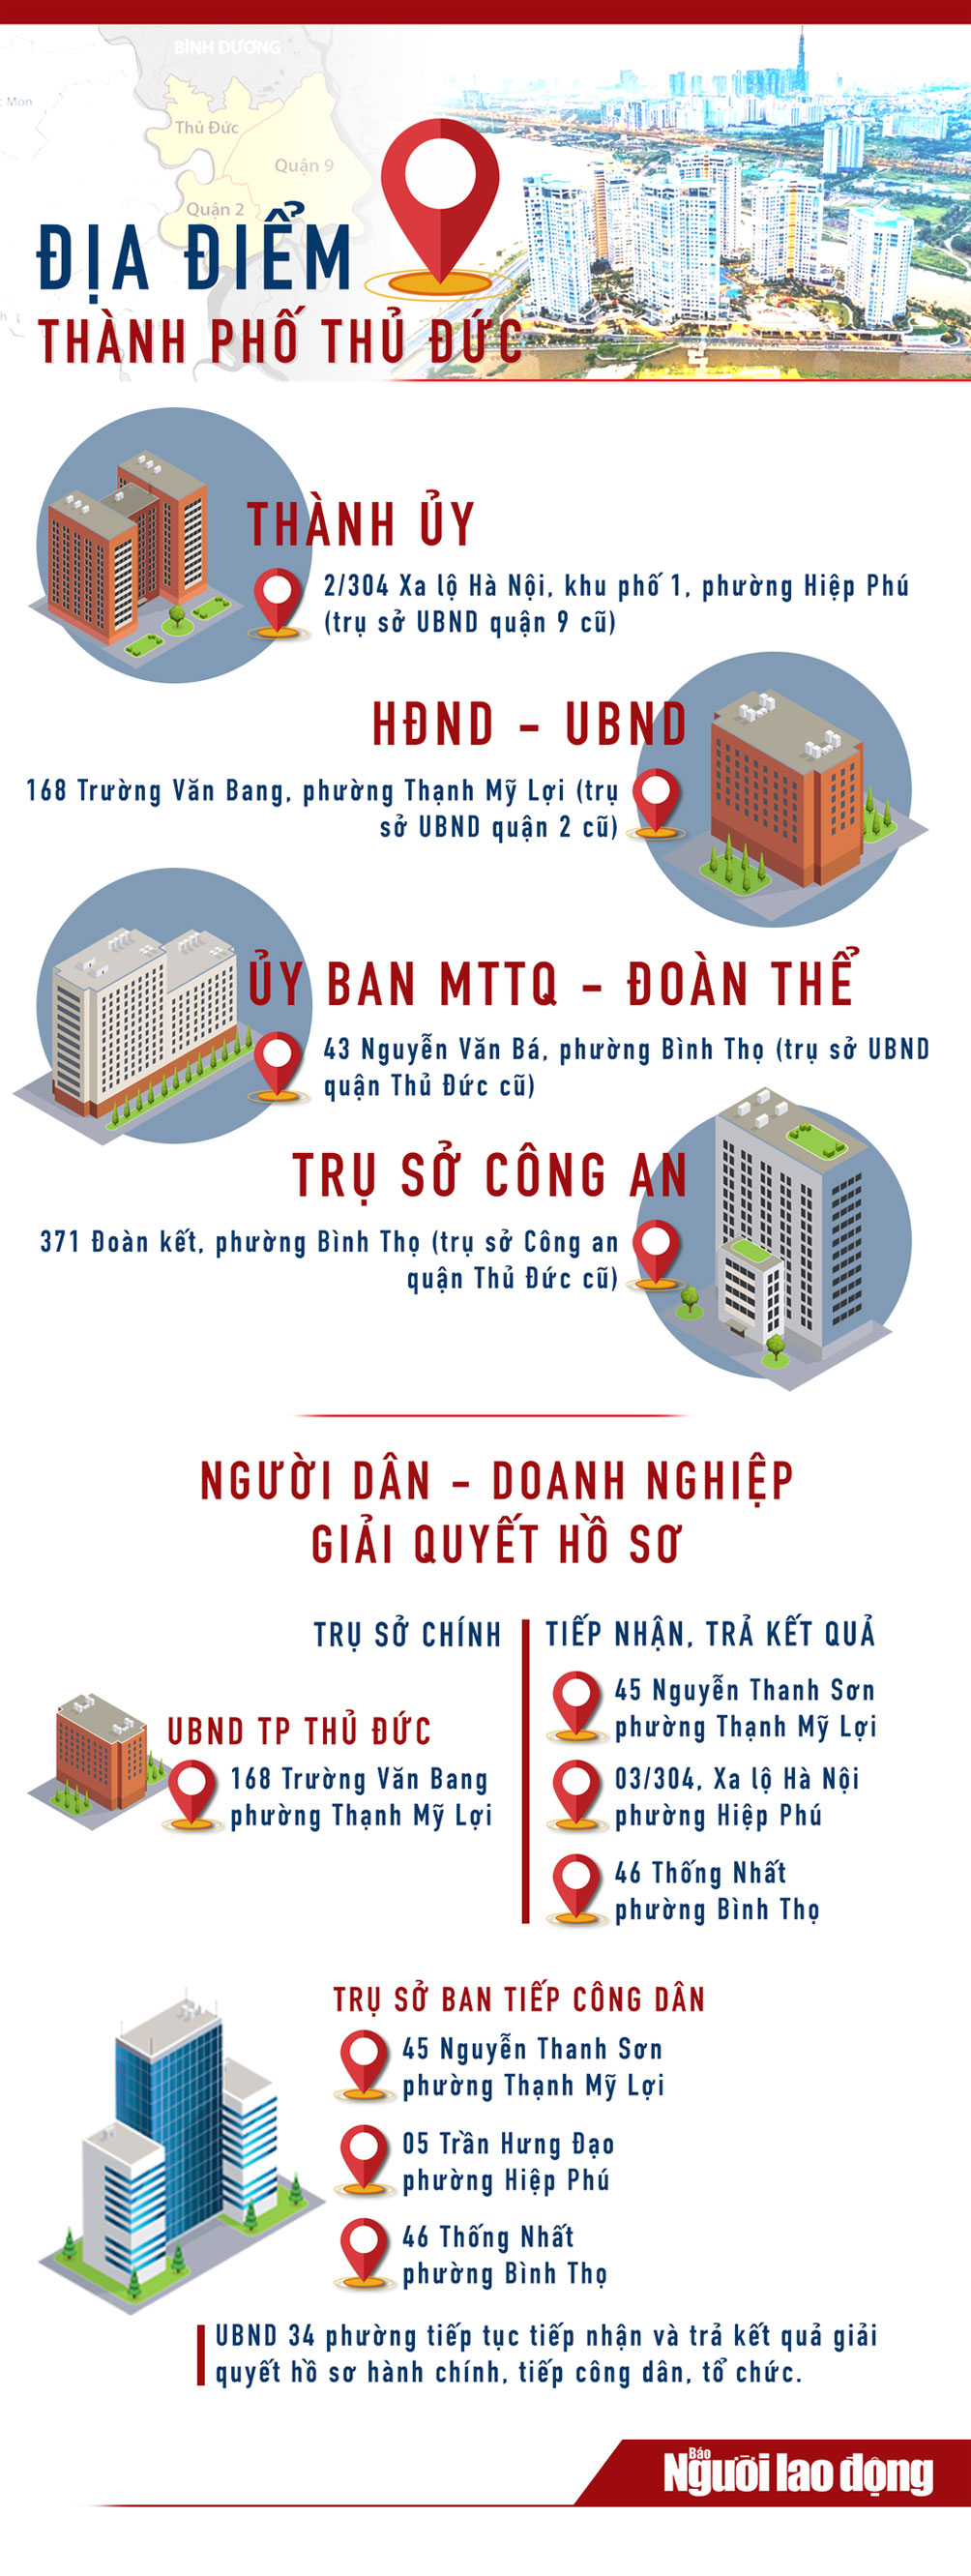 [Infographic] TP Thủ Đức: Các trụ sở cơ quan mà người dân, doanh nghiệp cần biết - 1